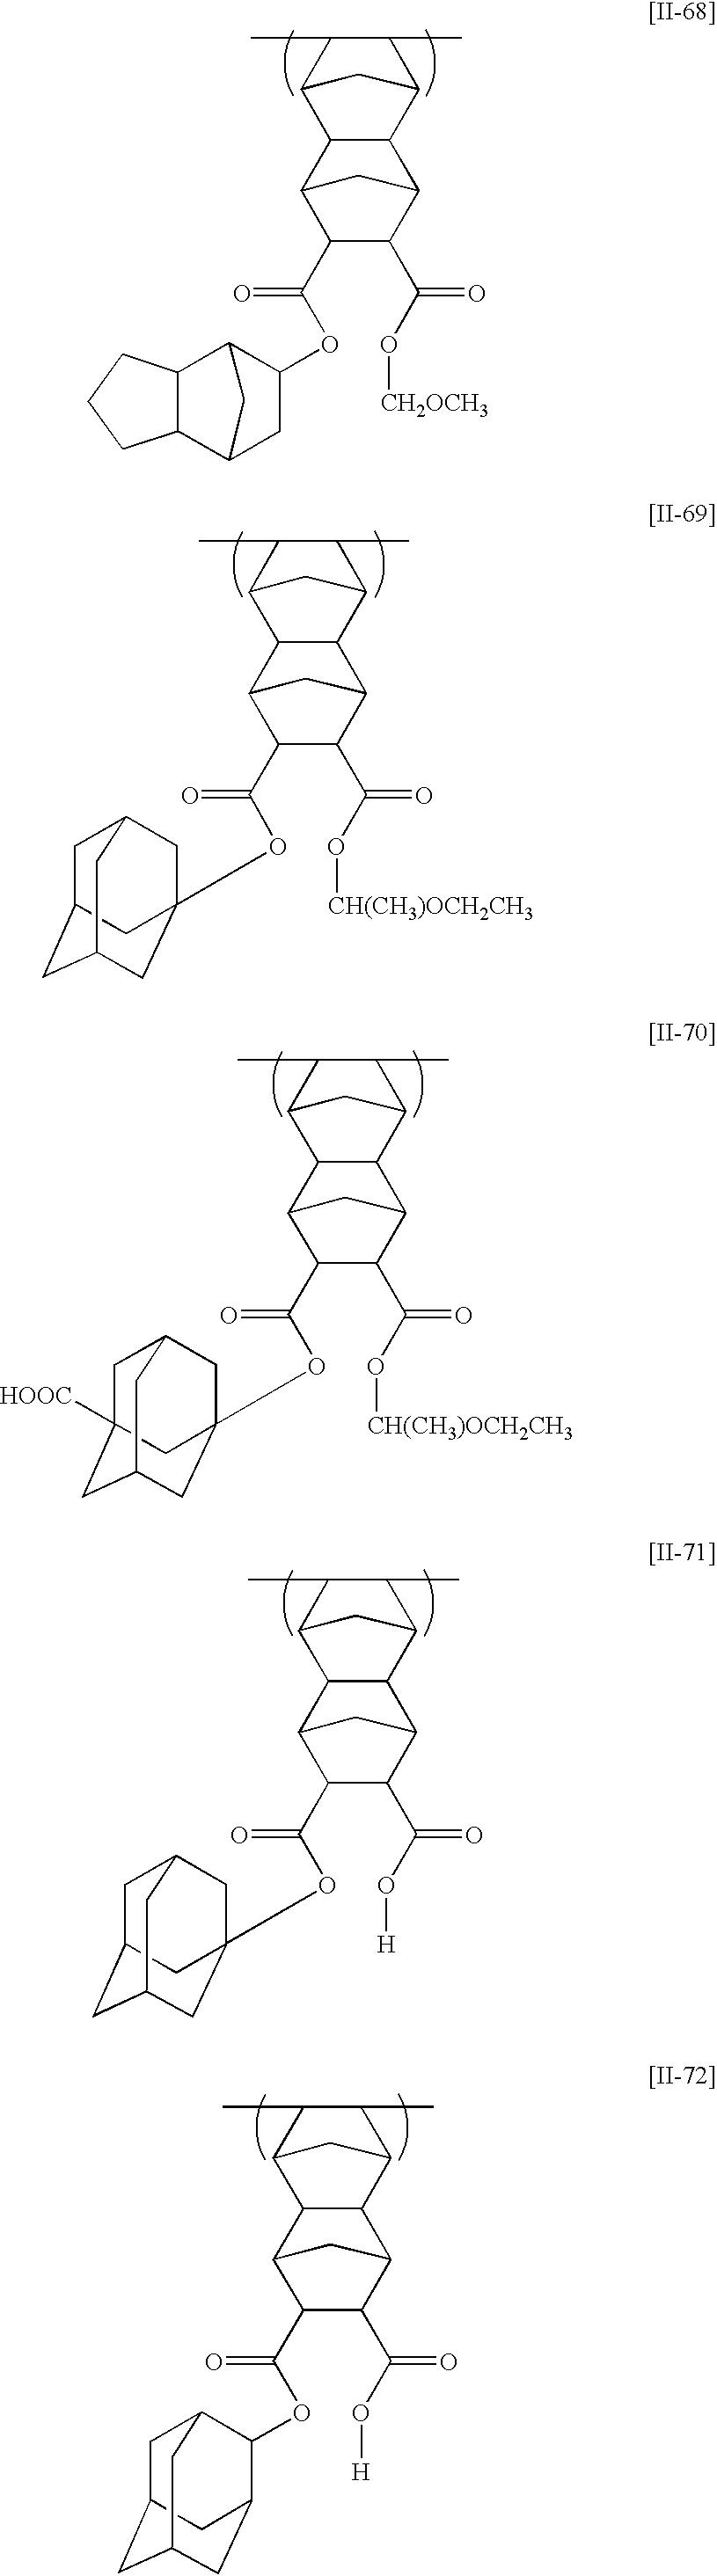 Figure US20030186161A1-20031002-C00070